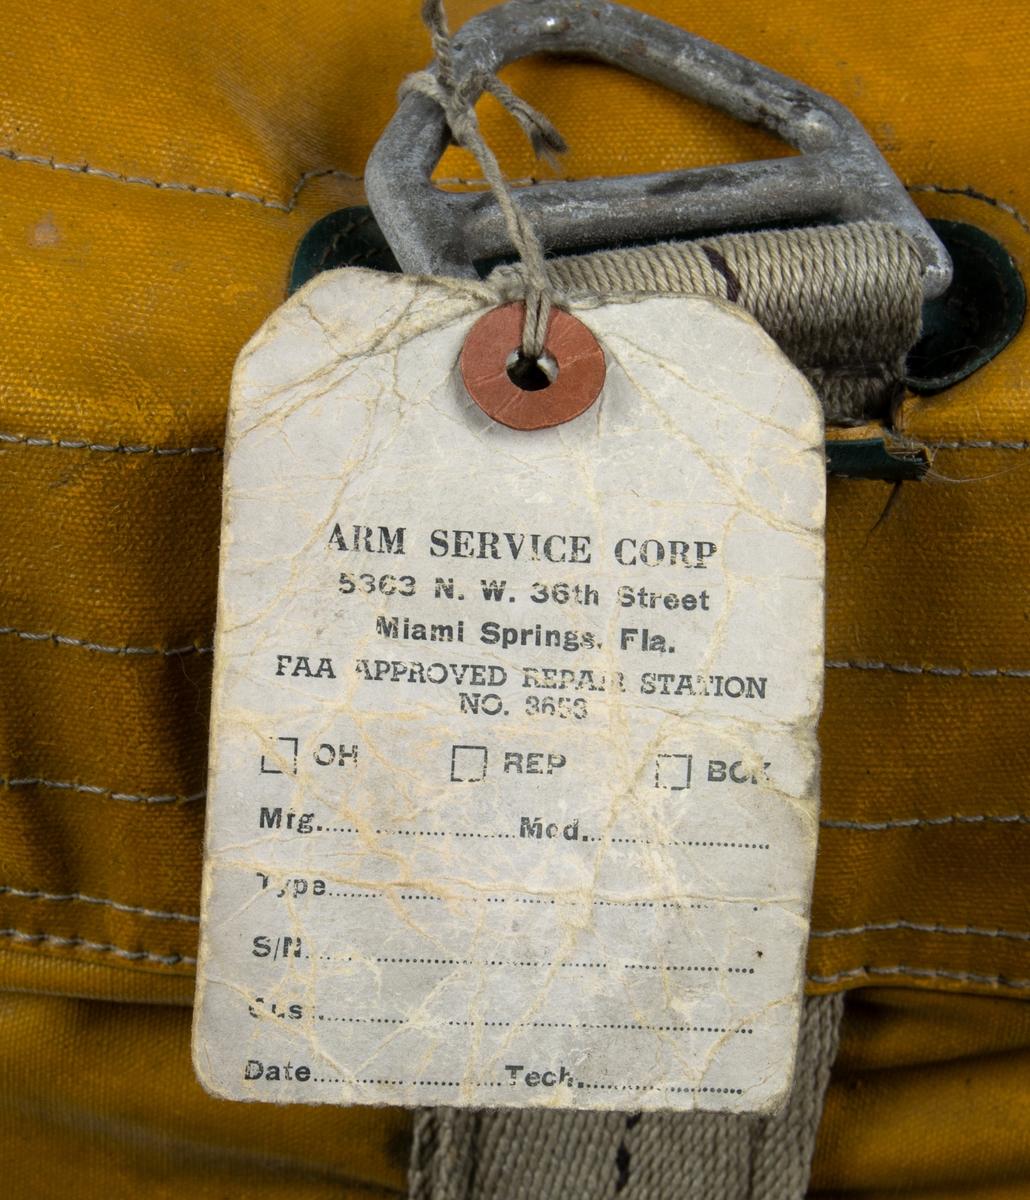 Nödradiosändare T-74/CRT-3 packad i tillhörande väska. Väskan innehåller bland annat signallampa, fallskärm, generator mm,  Instruktionshäfte medföljer. Väskan är öppnad.